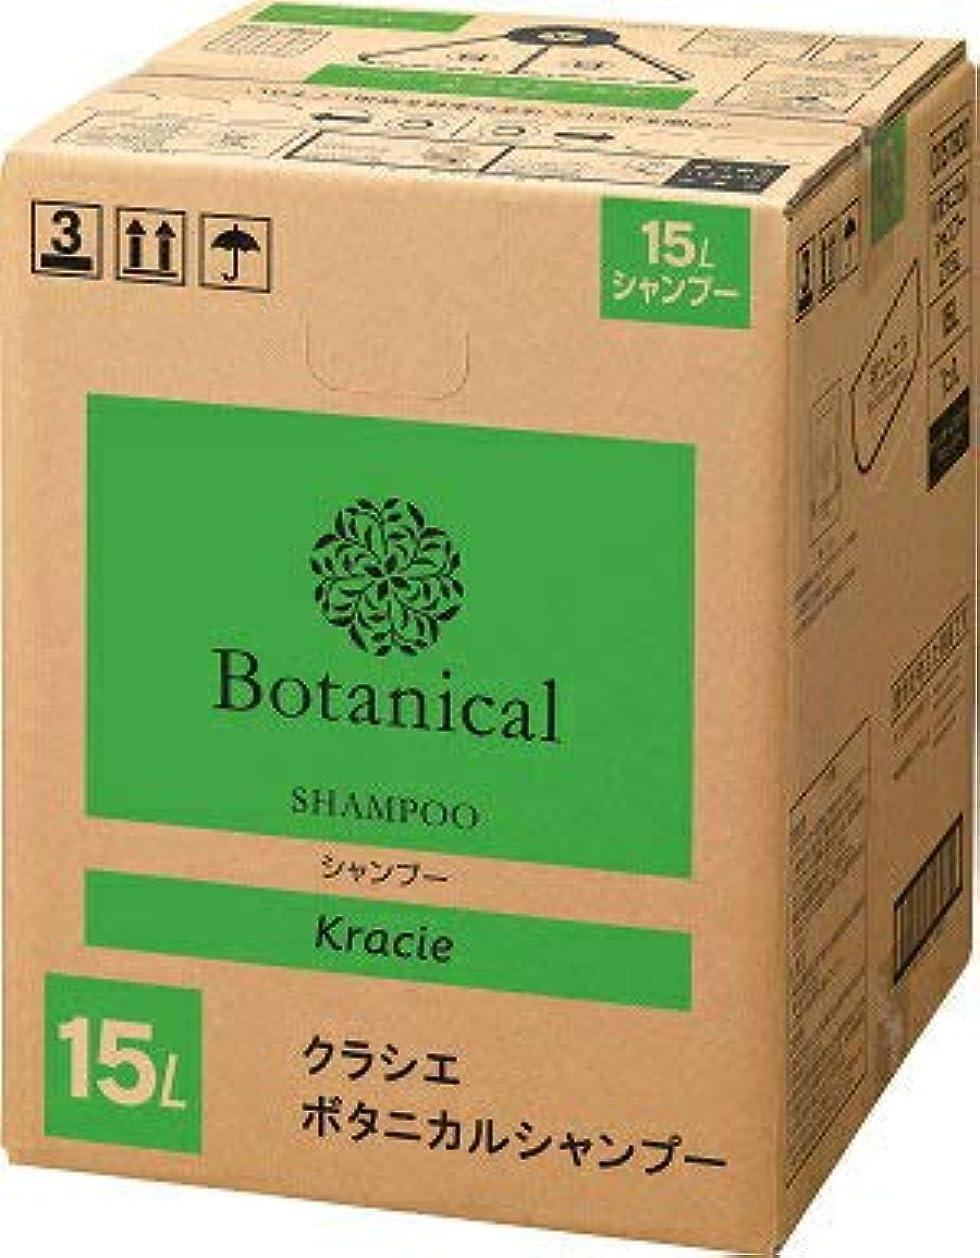 倉庫湖所有者Kracie クラシエ Botanical ボタニカル シャンプー 15L 詰め替え 業務用